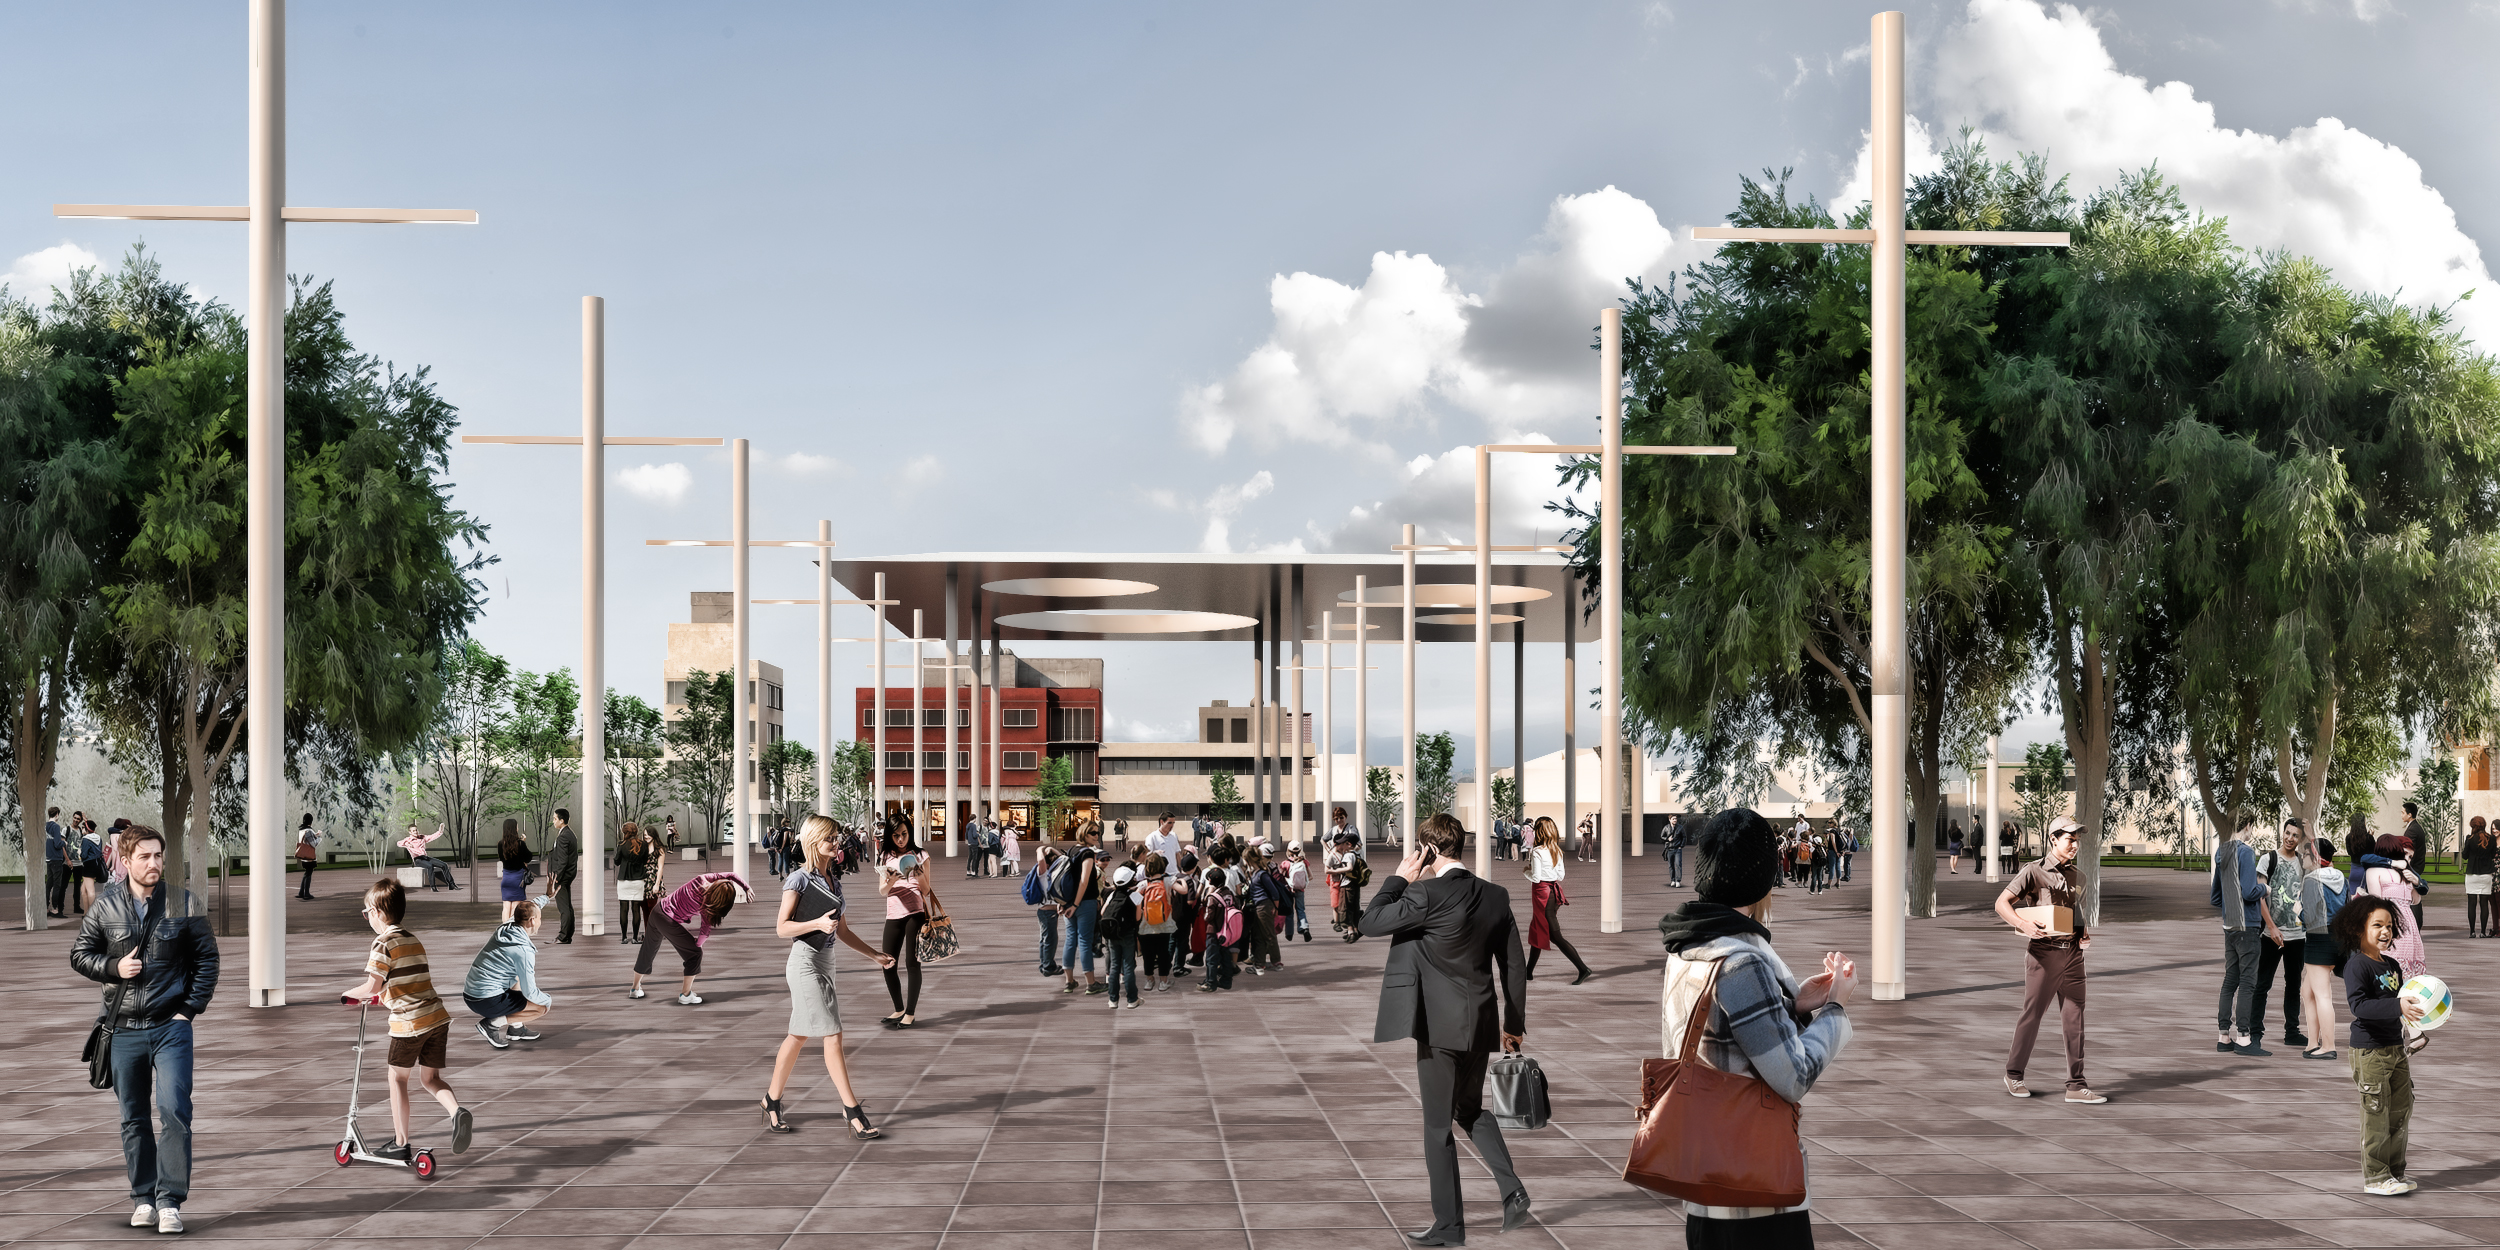 Plaza Delegación Iztapalapa - Ciudad de México